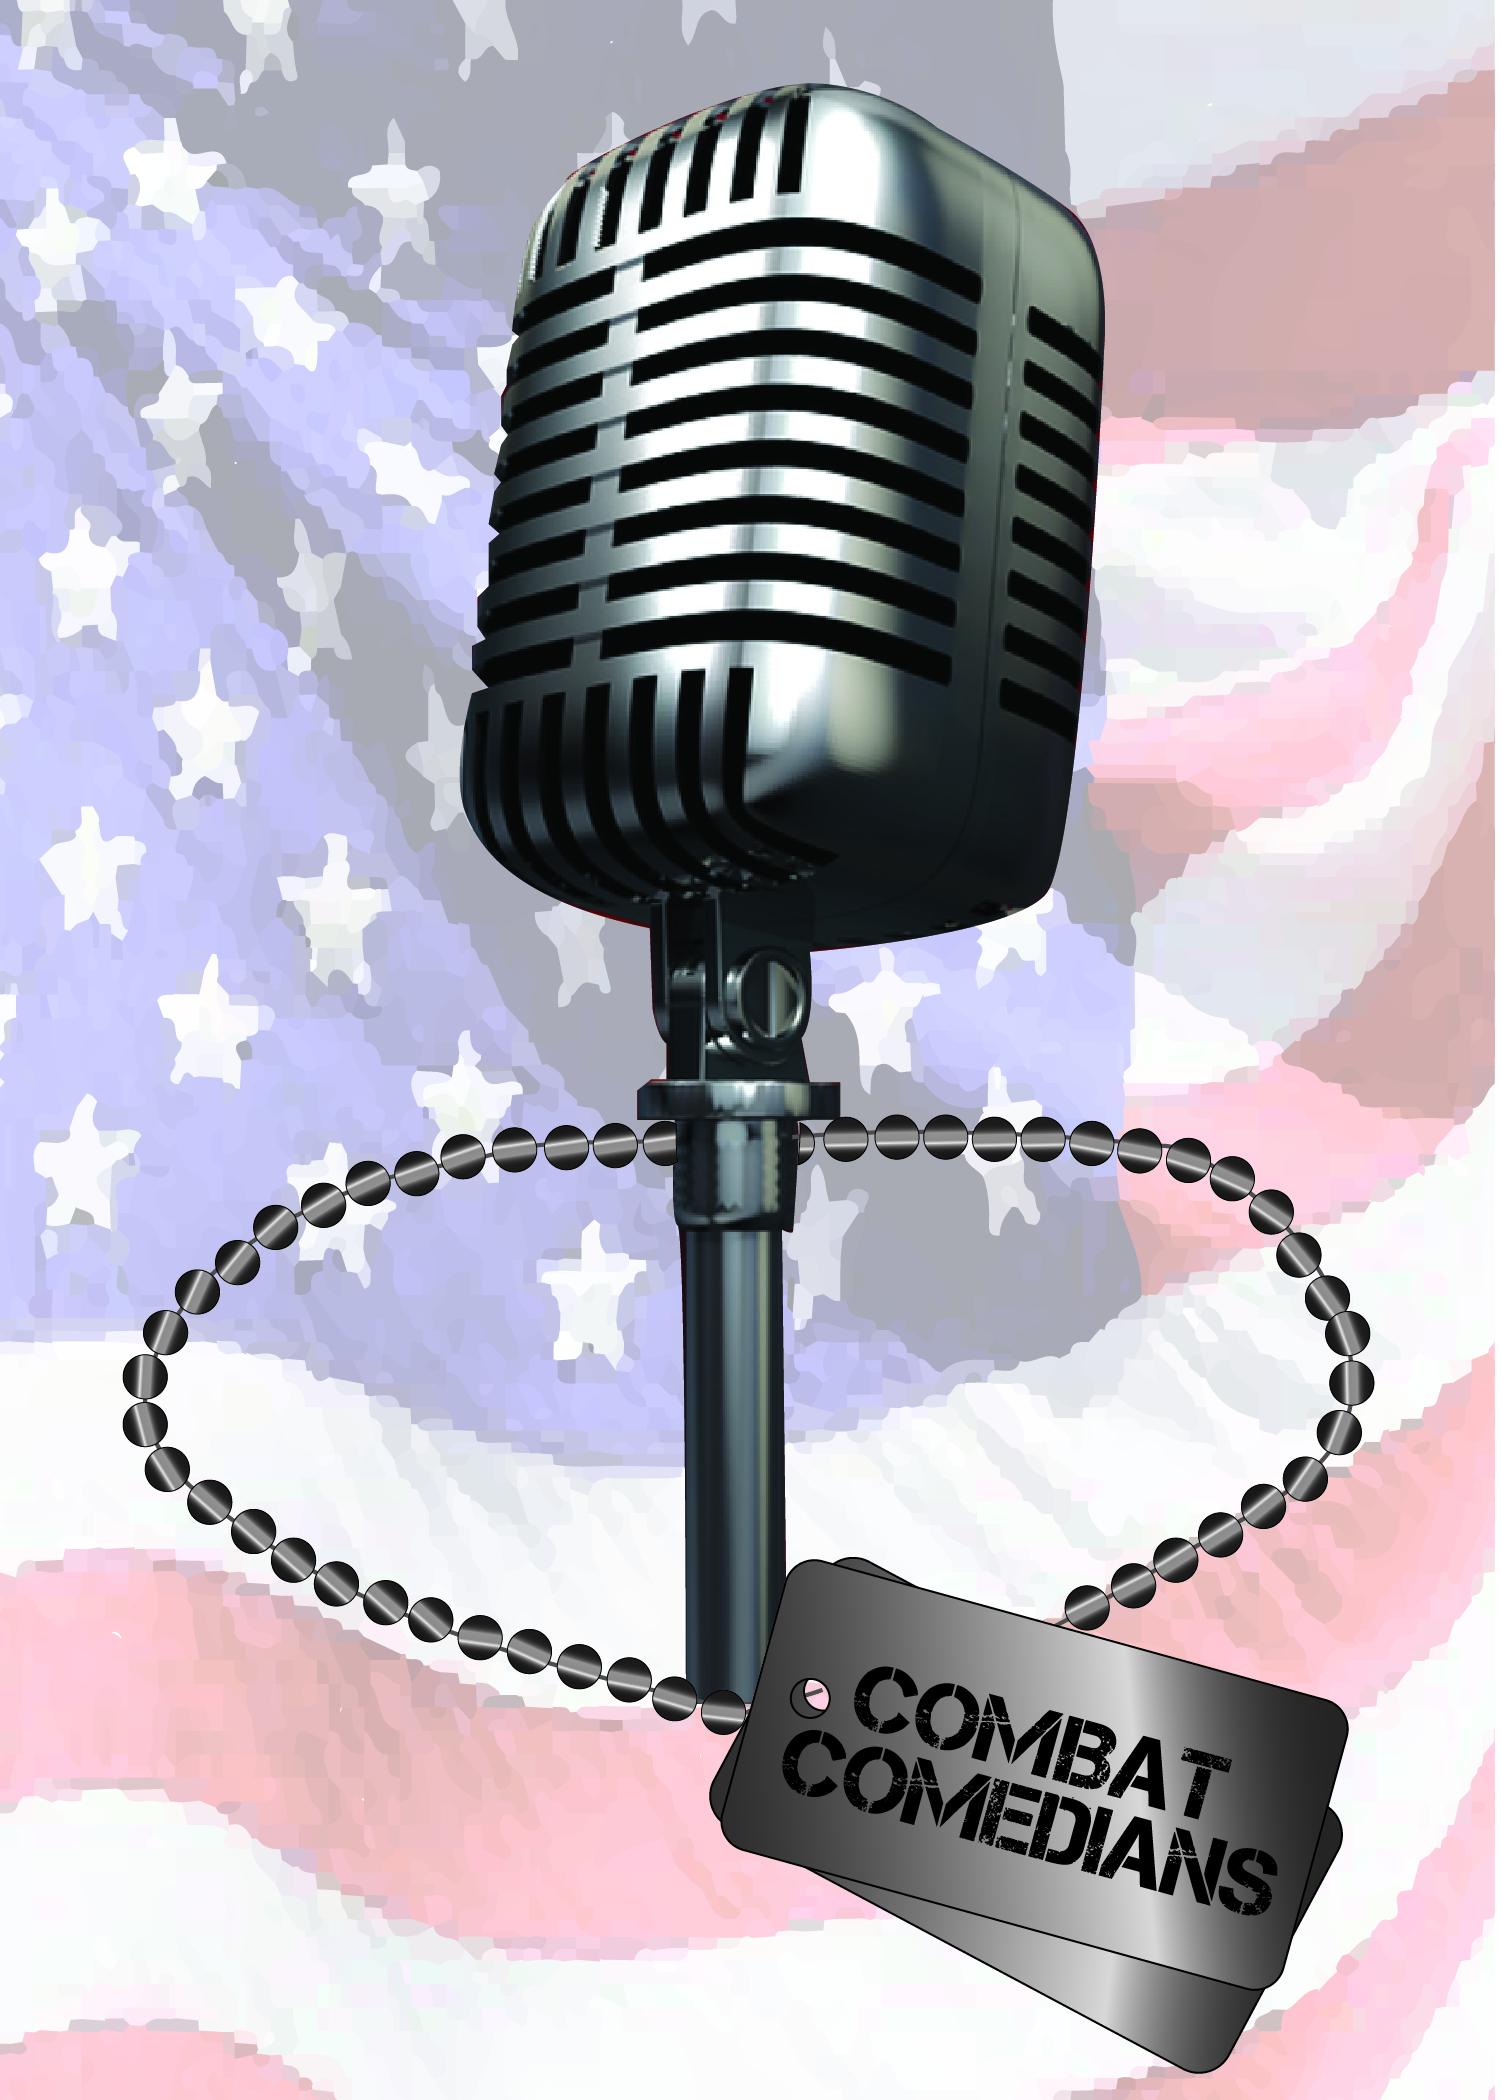 Combat_Comedians_logo_wbground-01.jpg